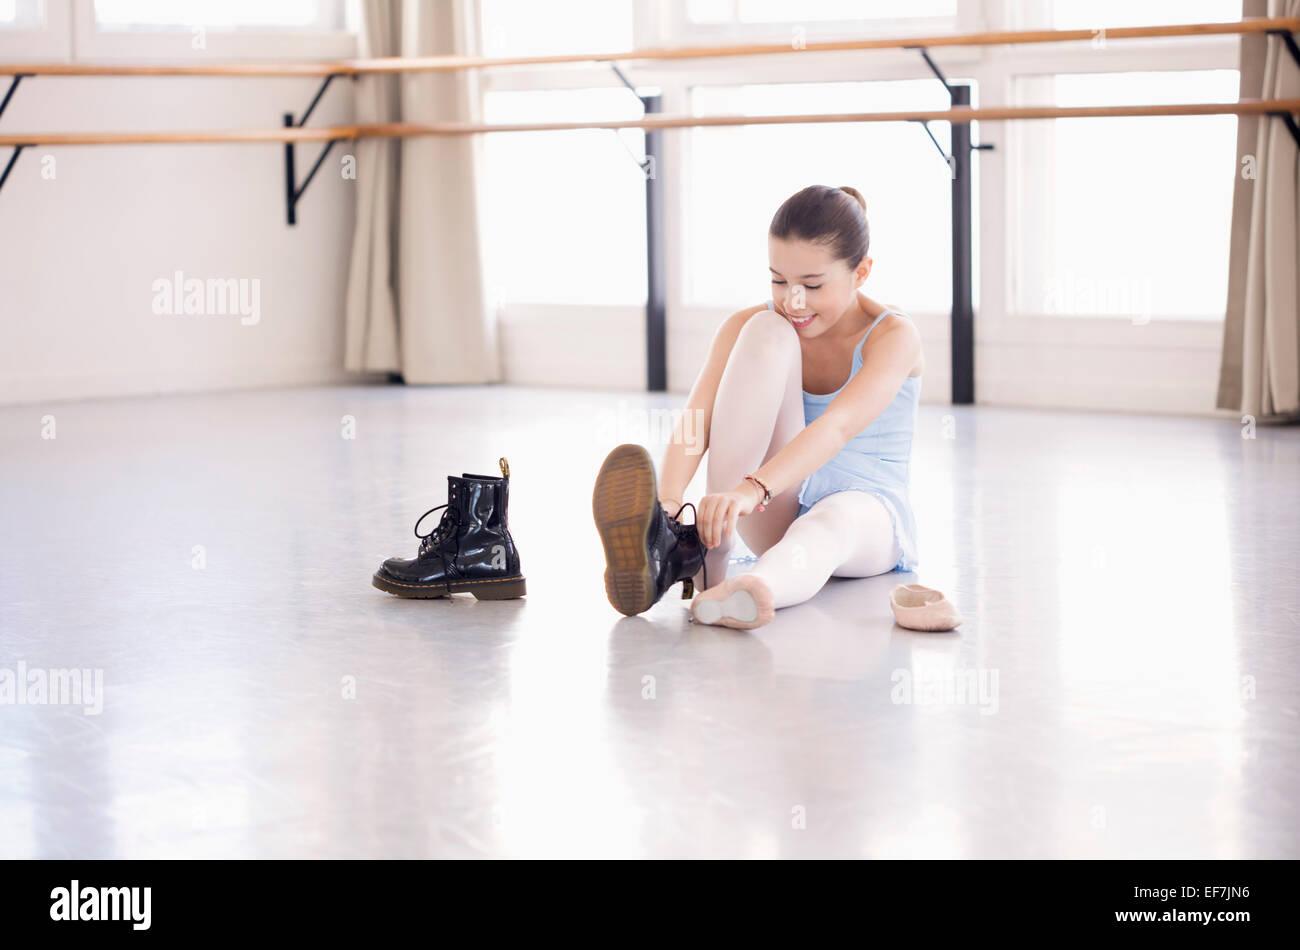 Girl putting sur ses chaussures dans un club de santé Photo Stock